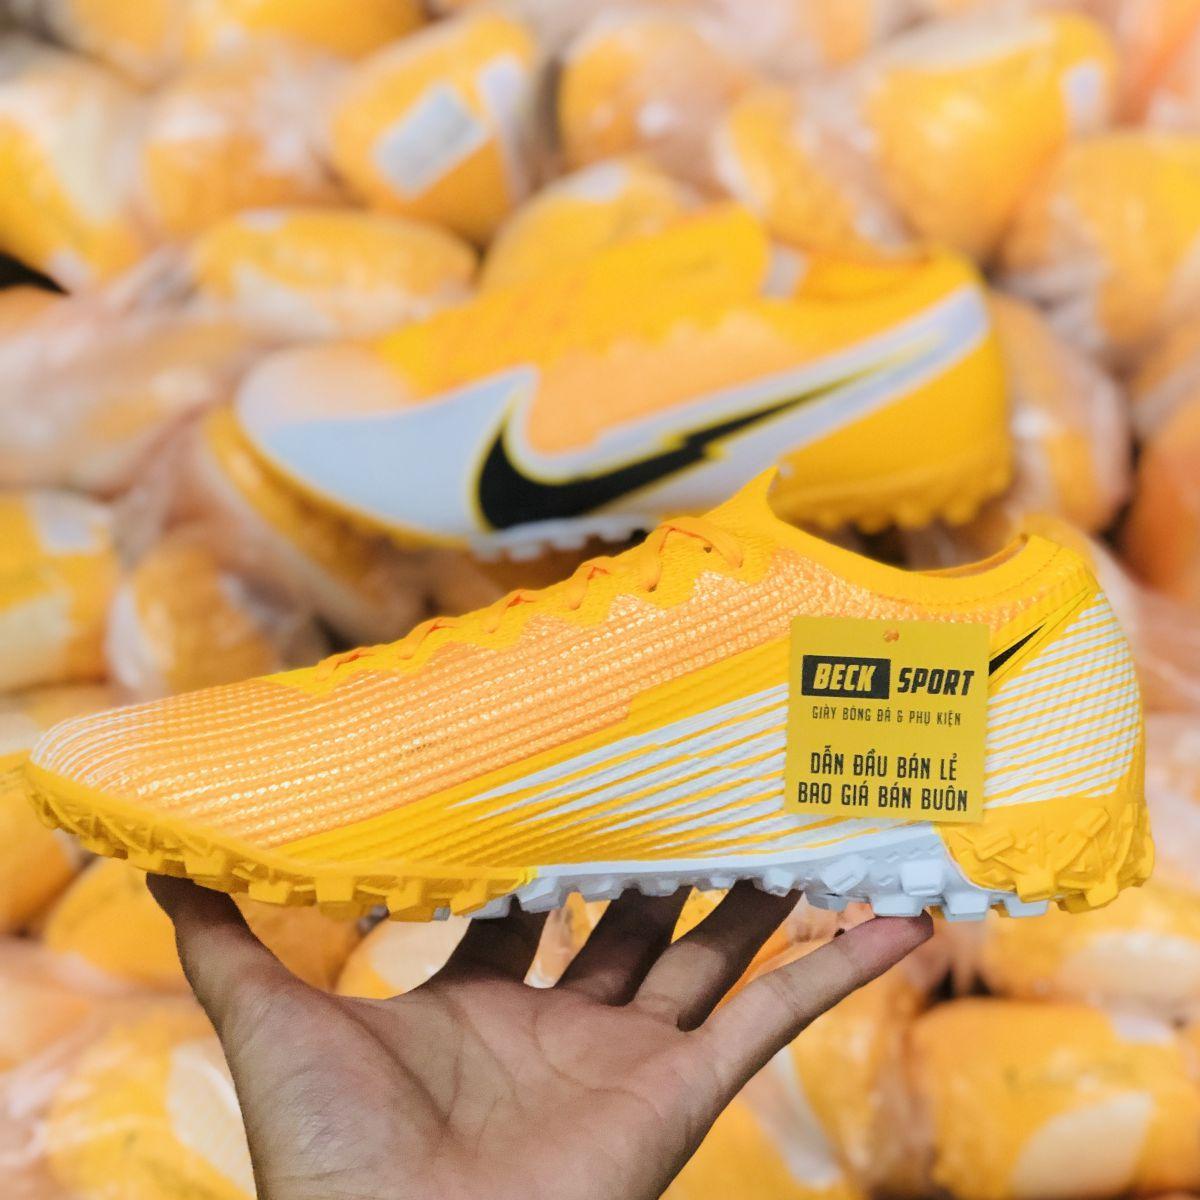 Giày Bóng Đá TQ Nike Mercurial Vapor 13 Elite Vàng Trắng Vạch Đen Cổ Lửng TF